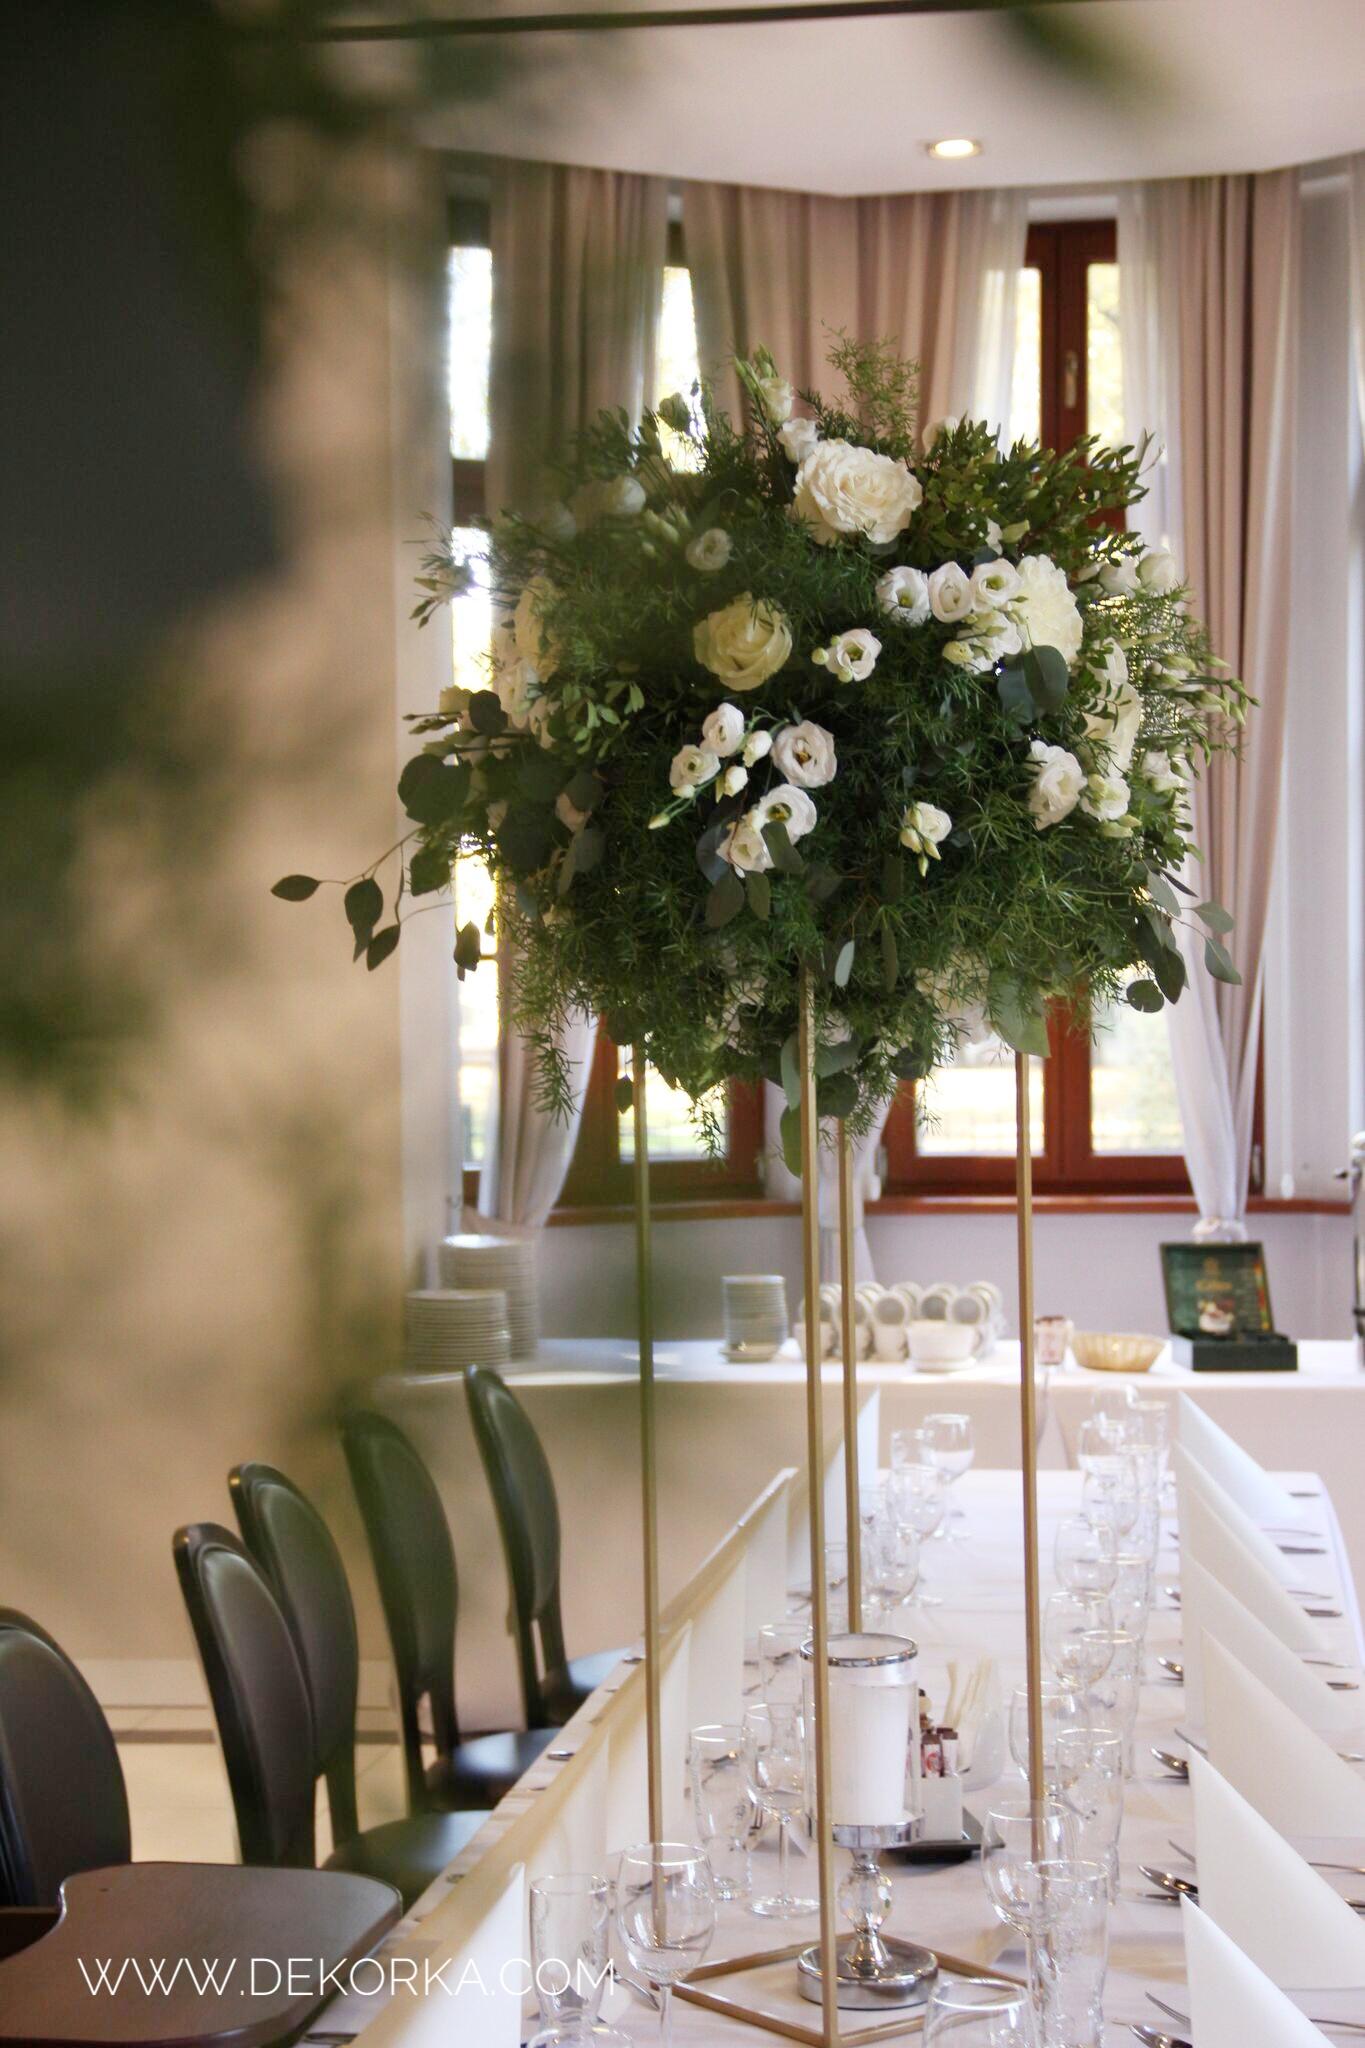 dekoracje ślubne florysta dekorka.com